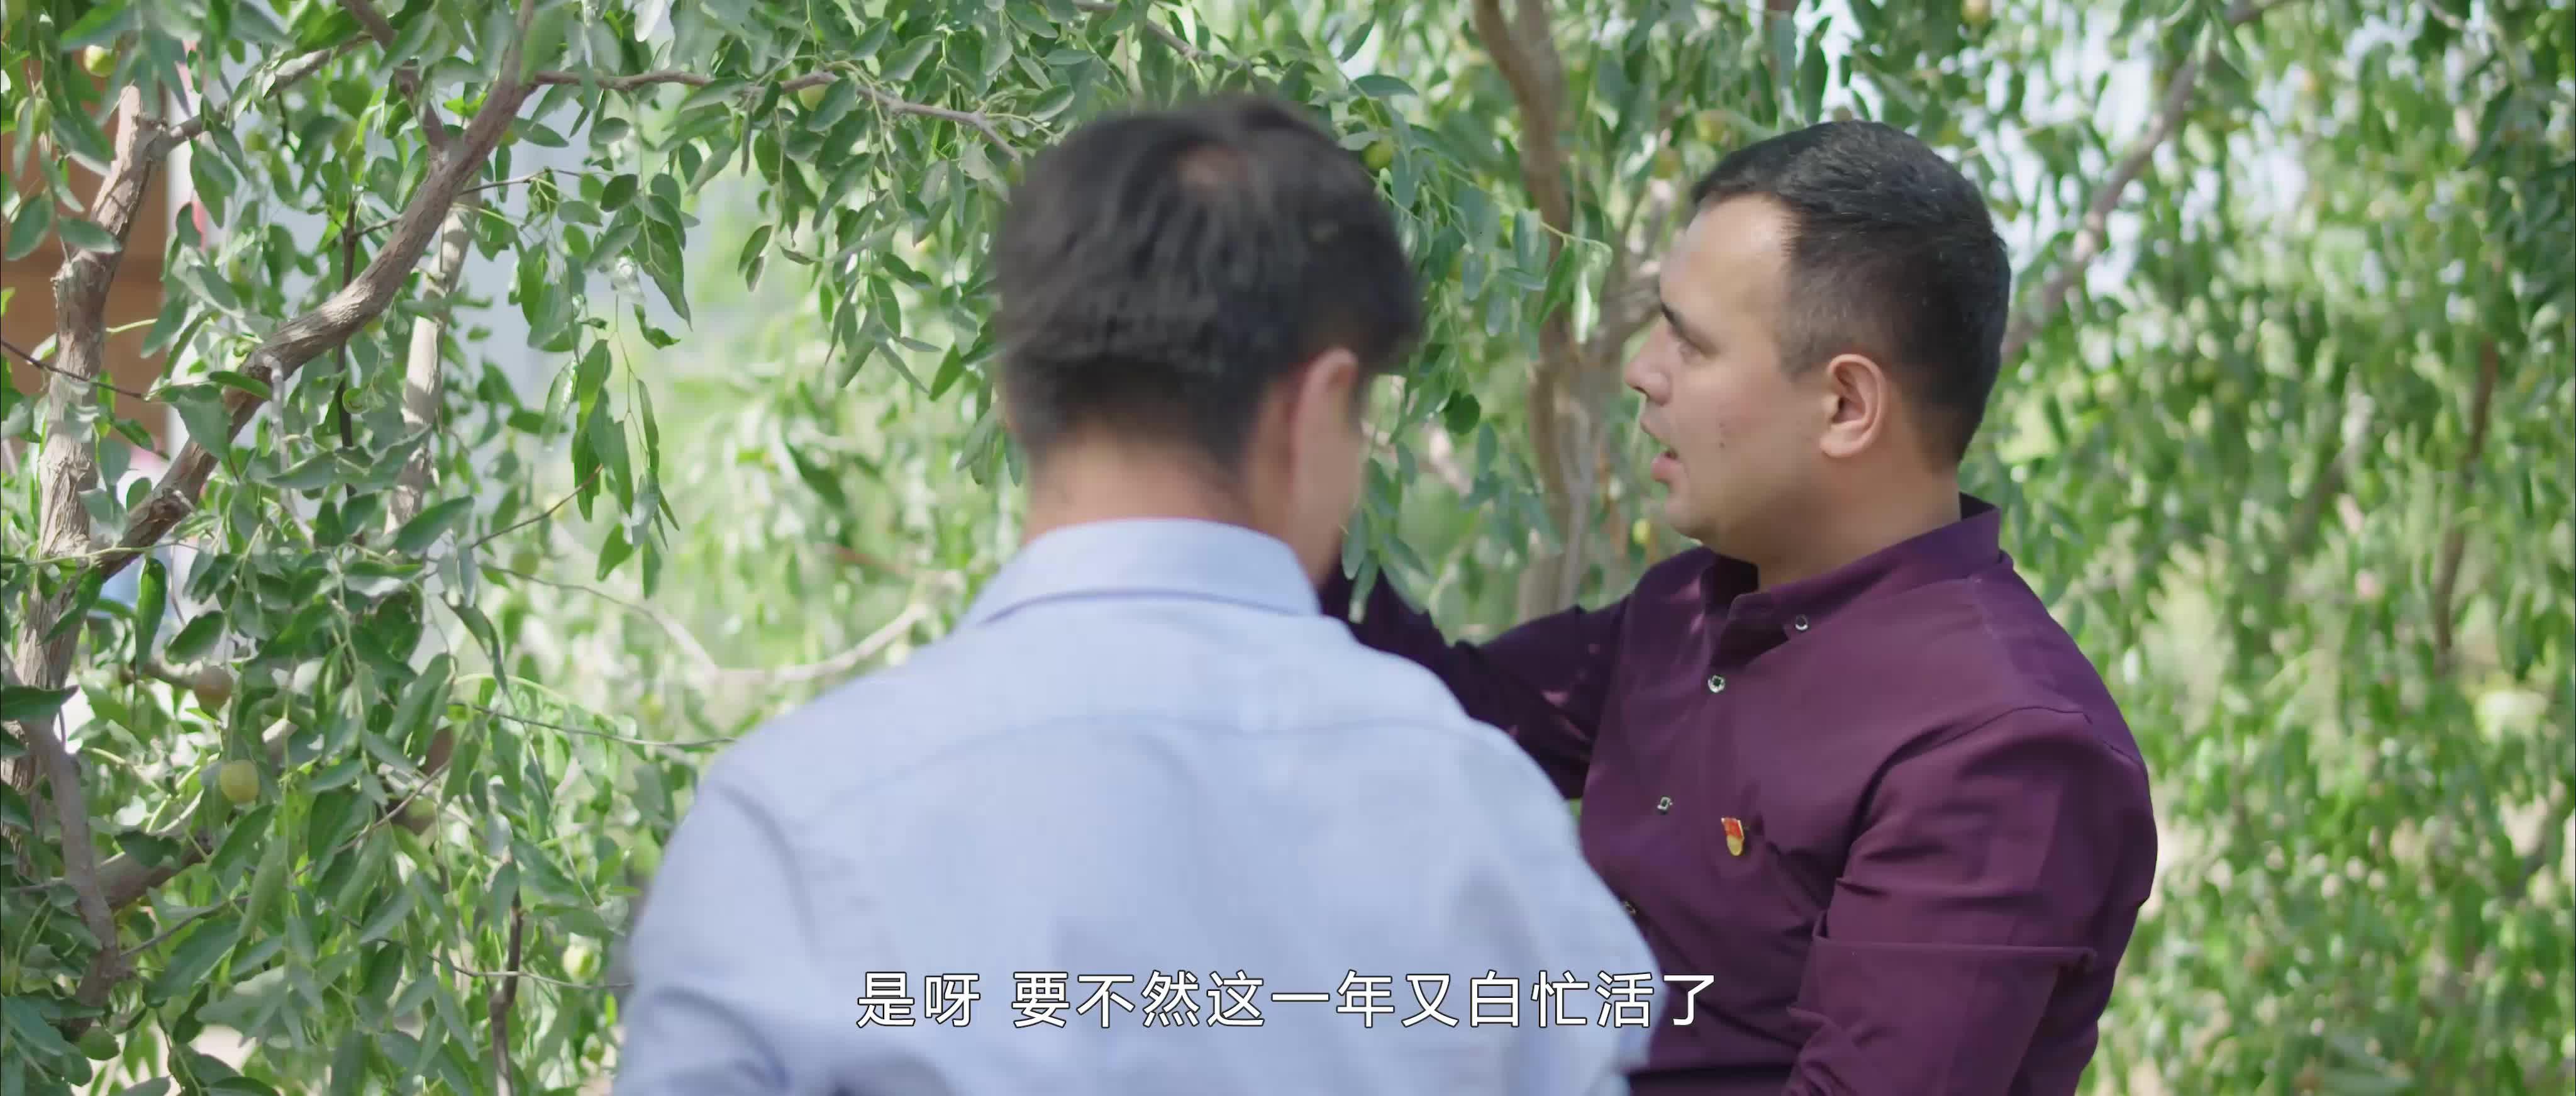 共筑中国梦 优选微电影《亲戚》